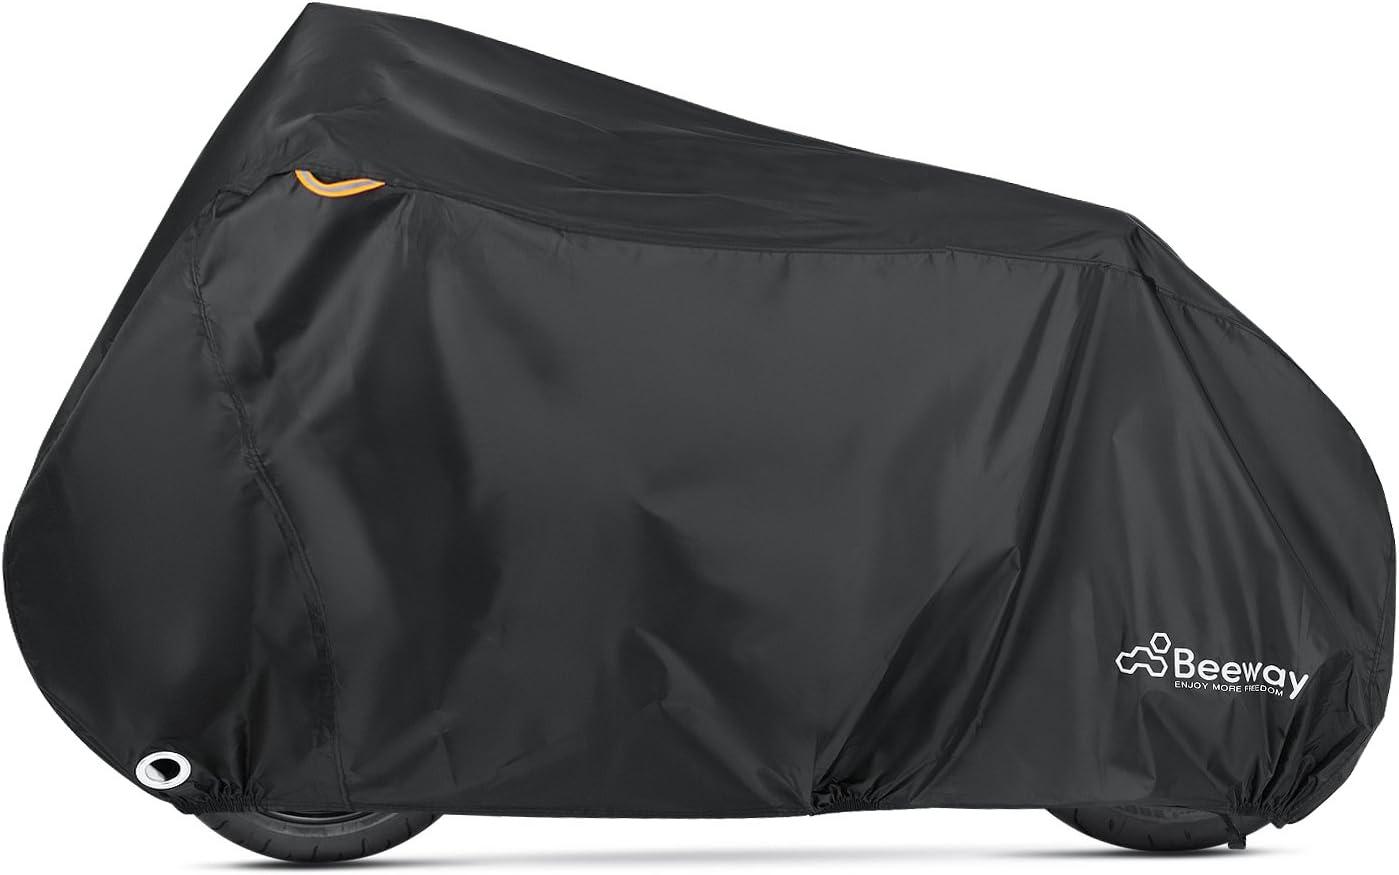 /Extra grande 240/cm Funda de Moto Beeway/® 190T nailon impermeable motocicleta cubierta/ /Interior y Exterior Anti Polvo Lluvia UV Protecci/ón con lock-holes bolsa de almacenamiento/